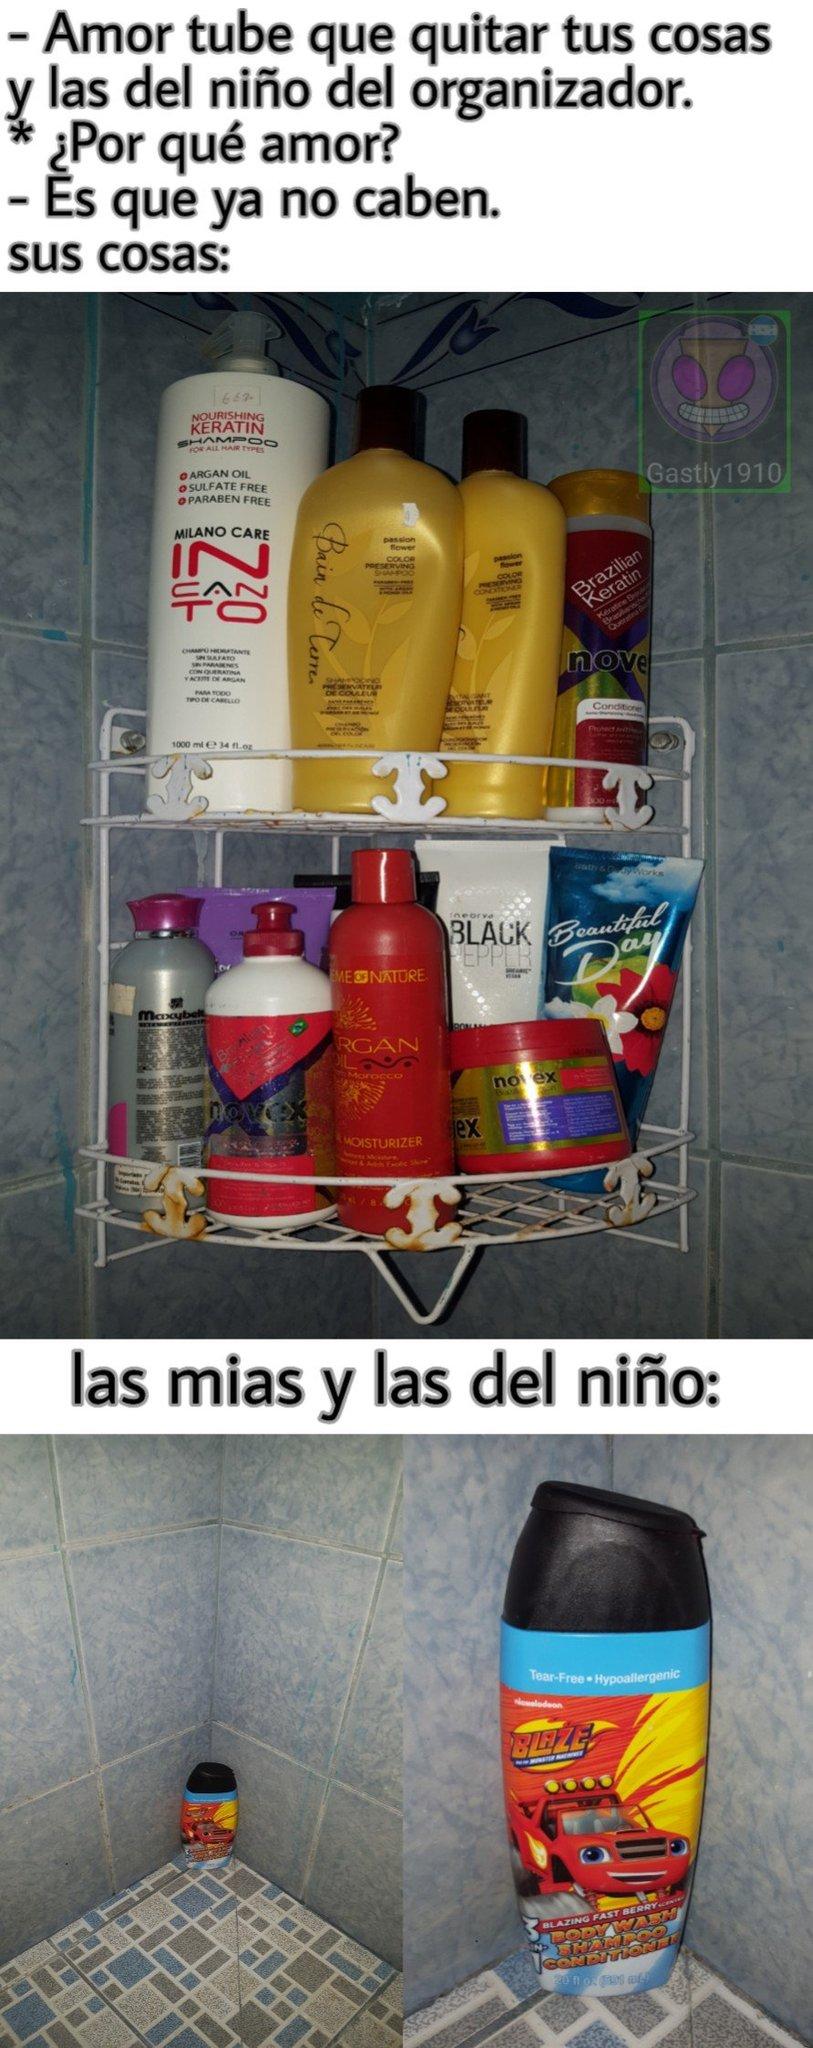 Es jabon, shampoo, acondicionador, engrosante y alargante - meme